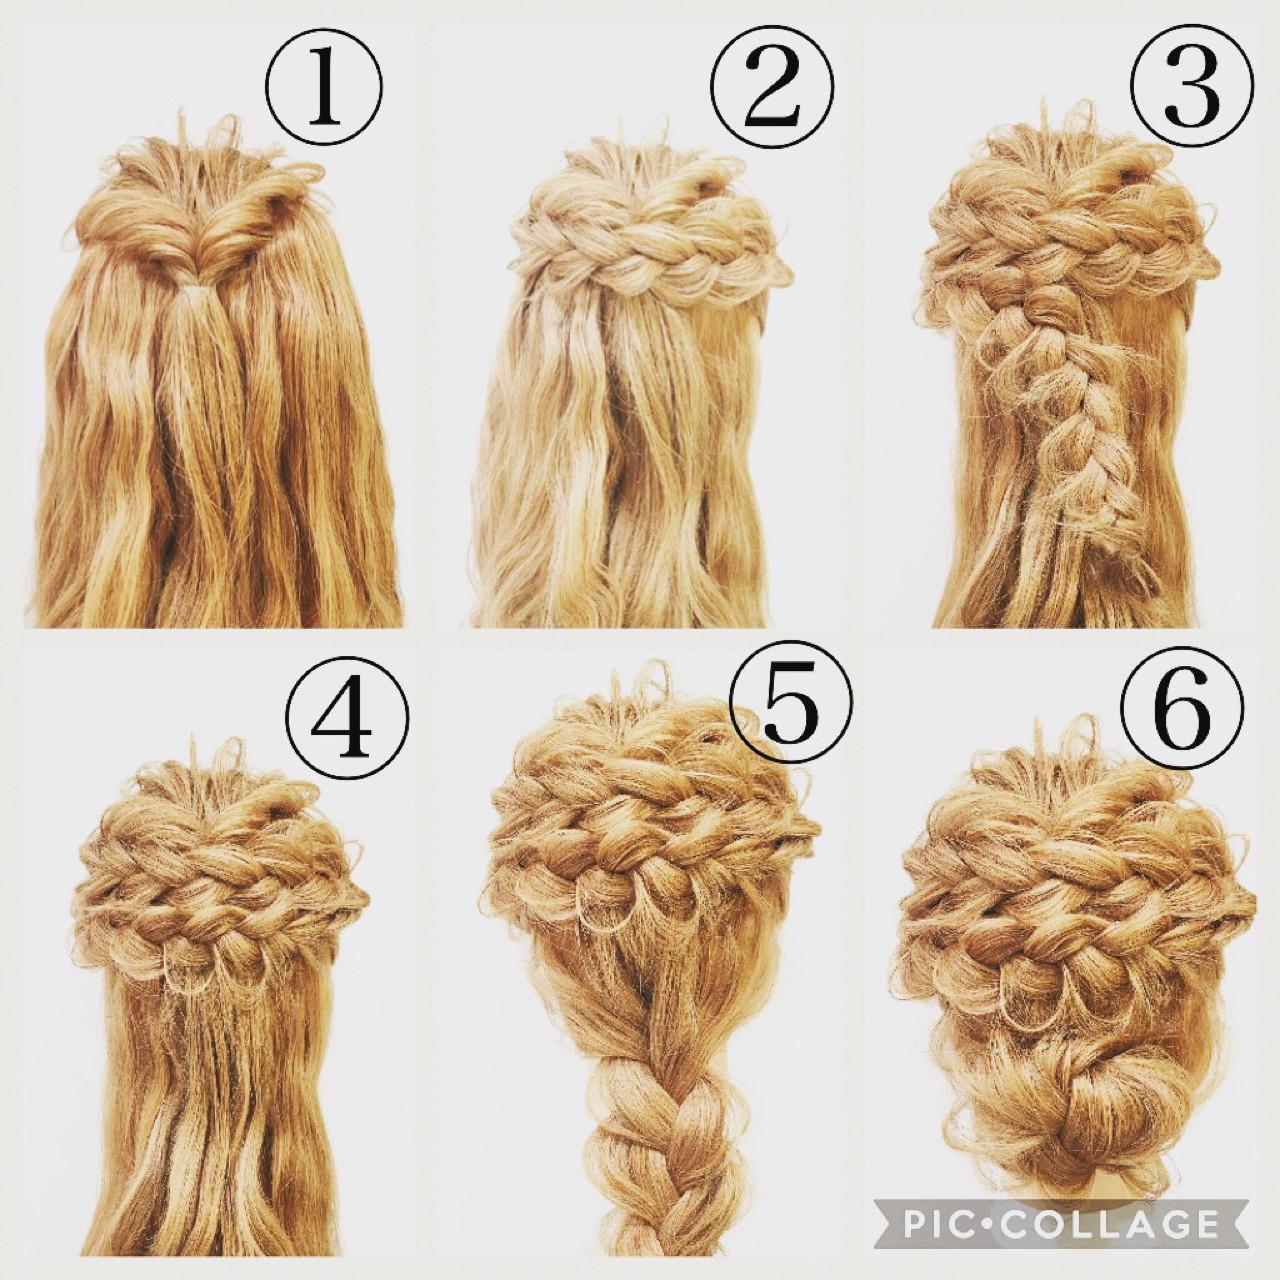 ナチュラル ヘアアレンジ 編み込み 大人女子 ヘアスタイルや髪型の写真・画像